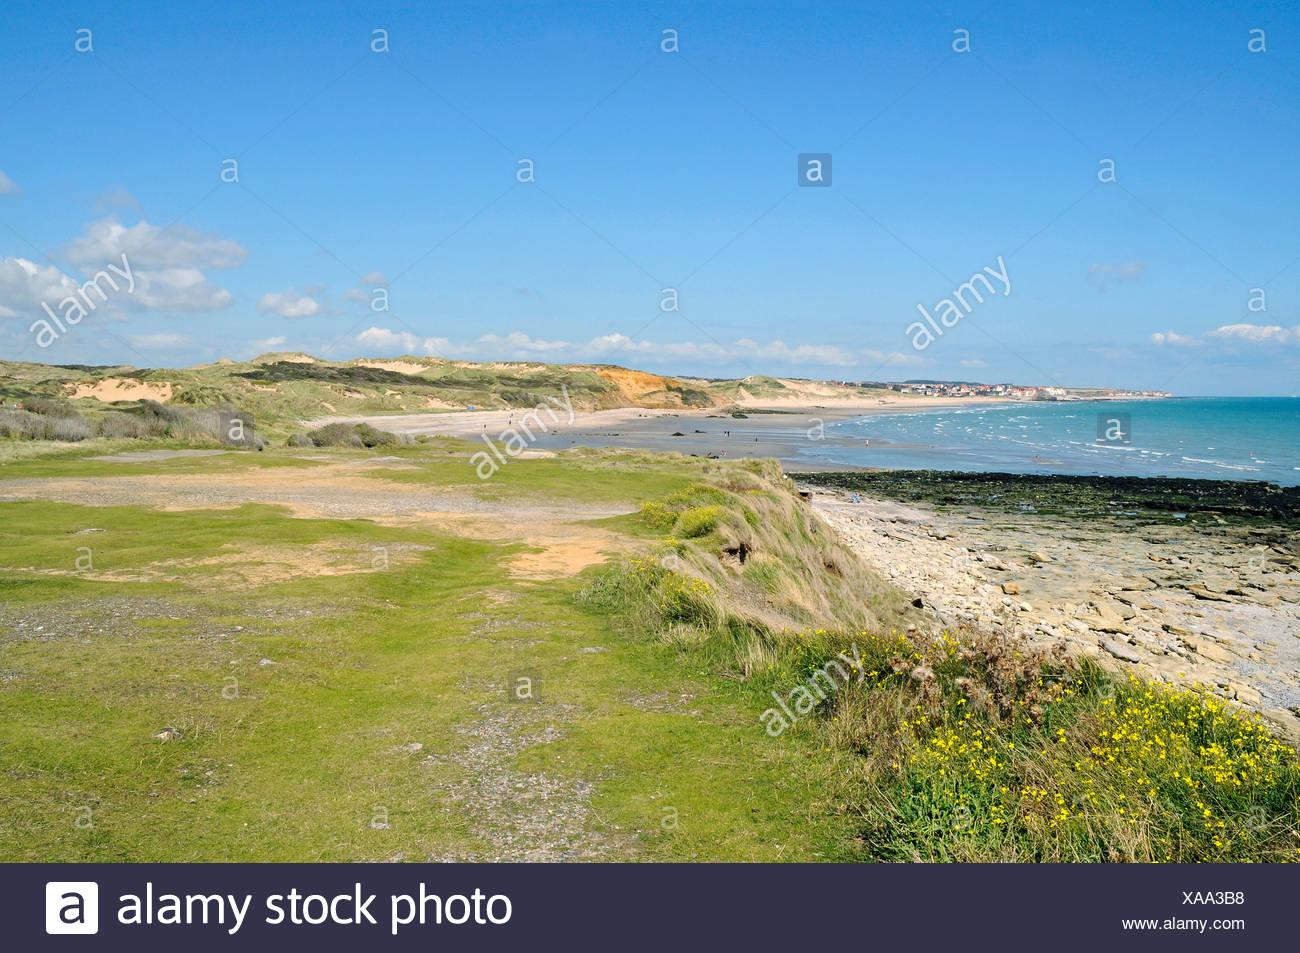 Dunes, ocean, landscape, coast, Dunes de la Slack, Wimereux, Boulogne sur Mer, Opal coast, Nord Pas de Calais, France, Europe - Stock Image